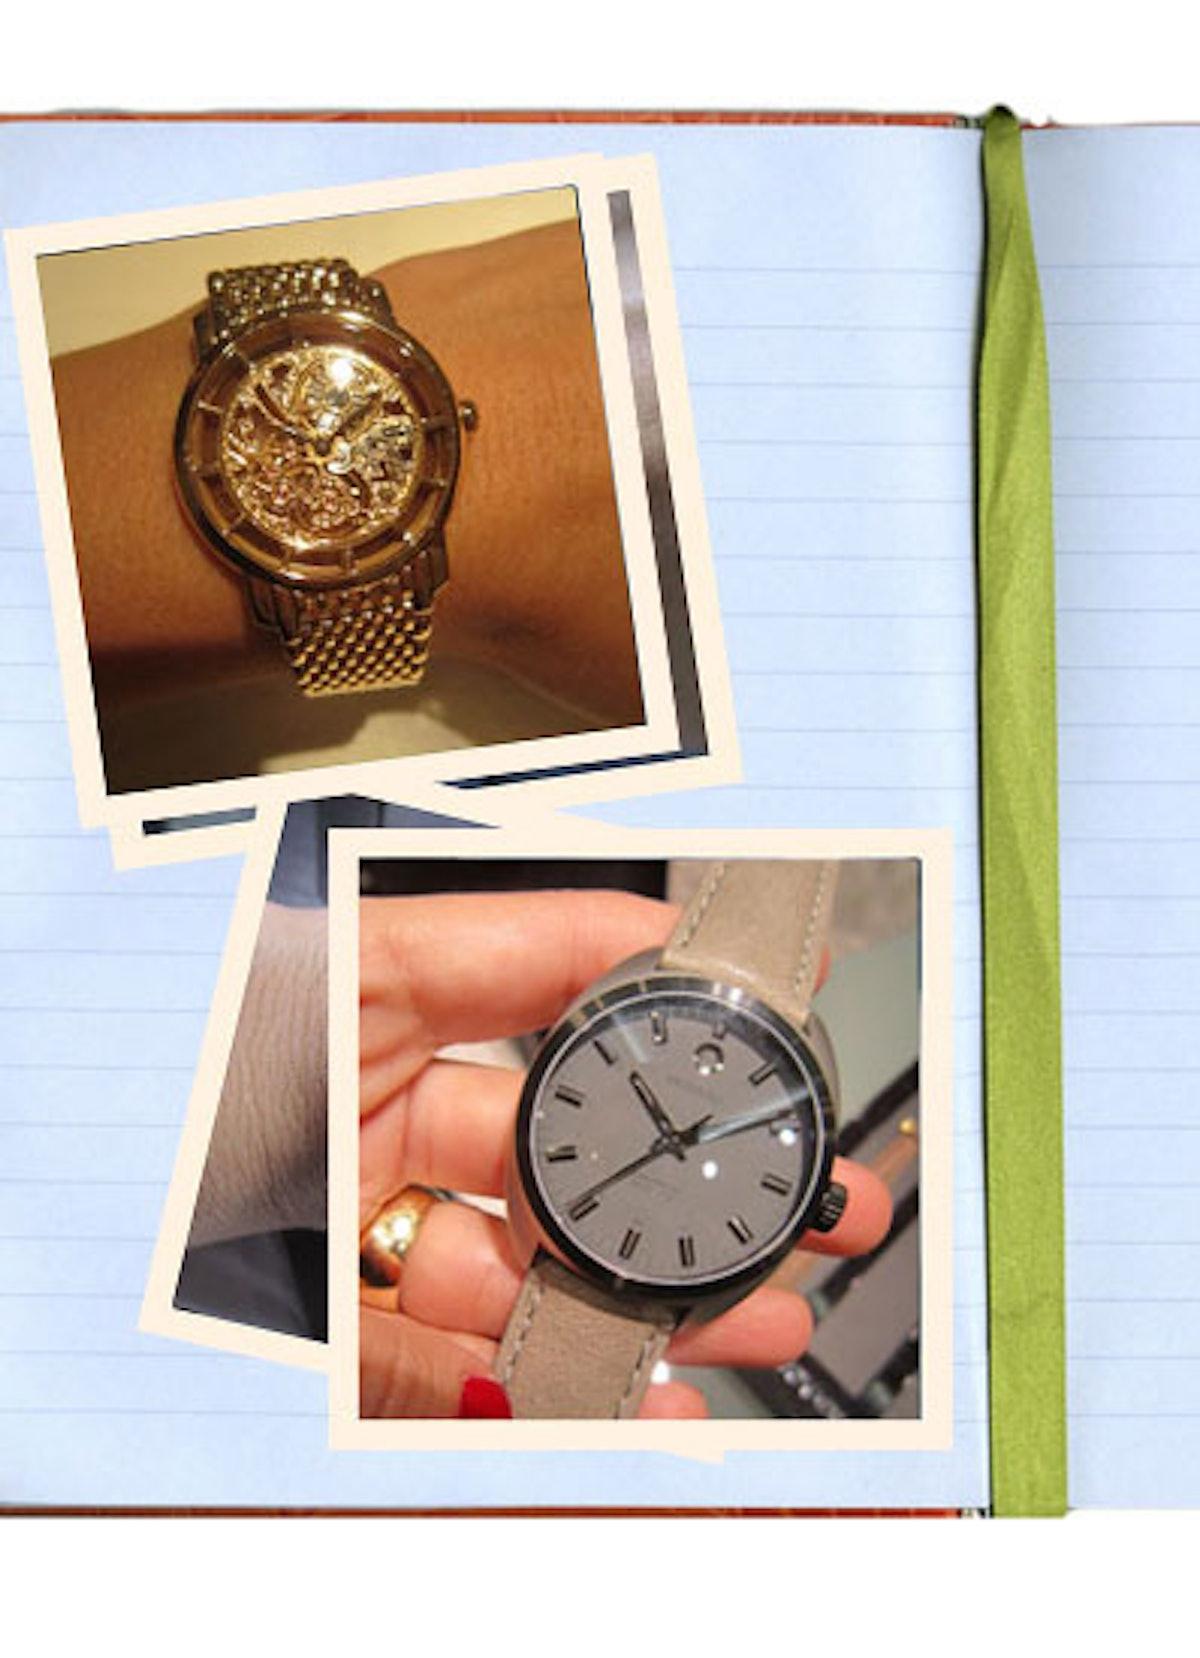 acss-basel-watch-fair-06-v.jpg